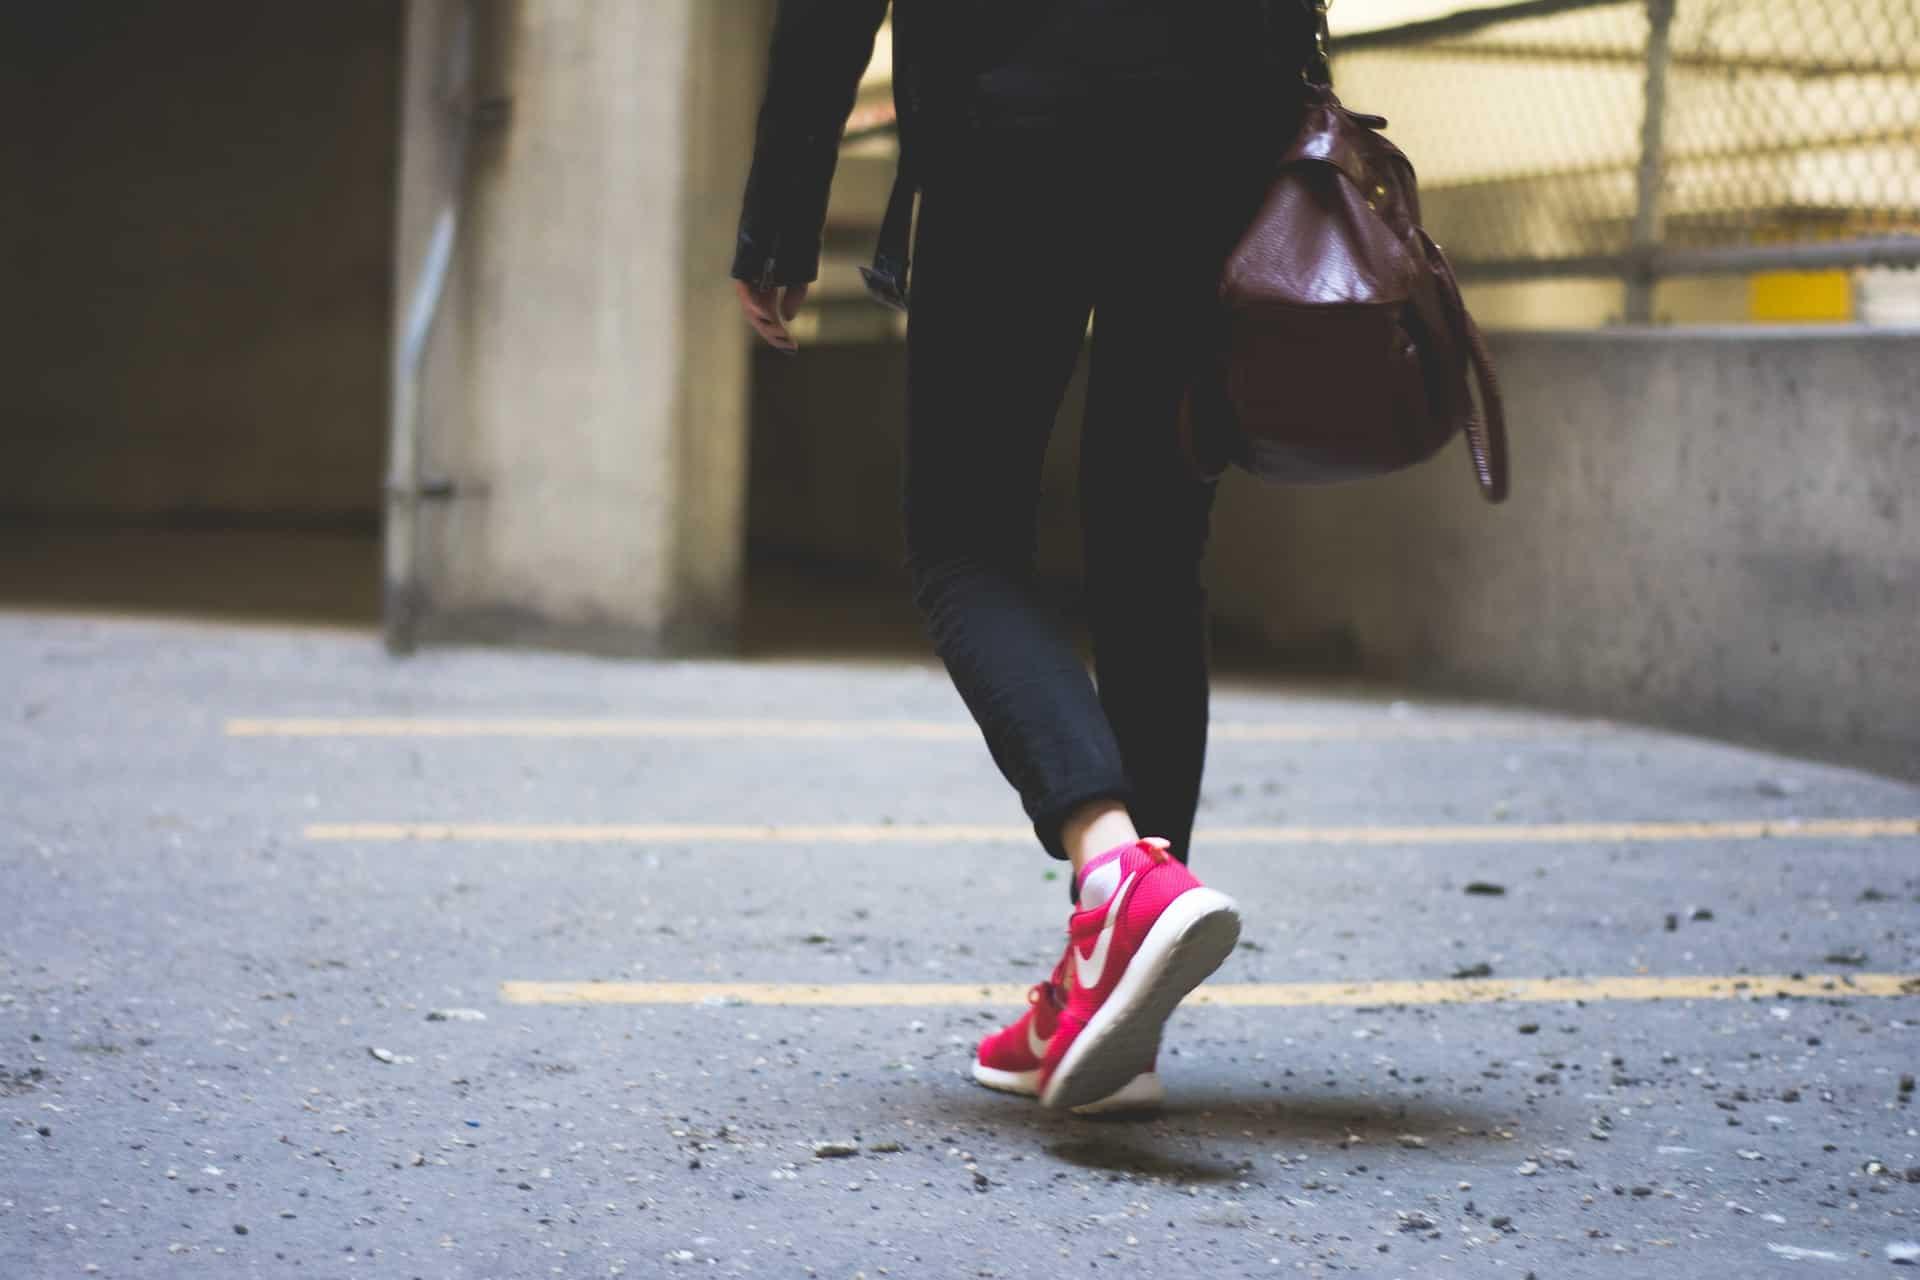 Women wearing nike sneakers